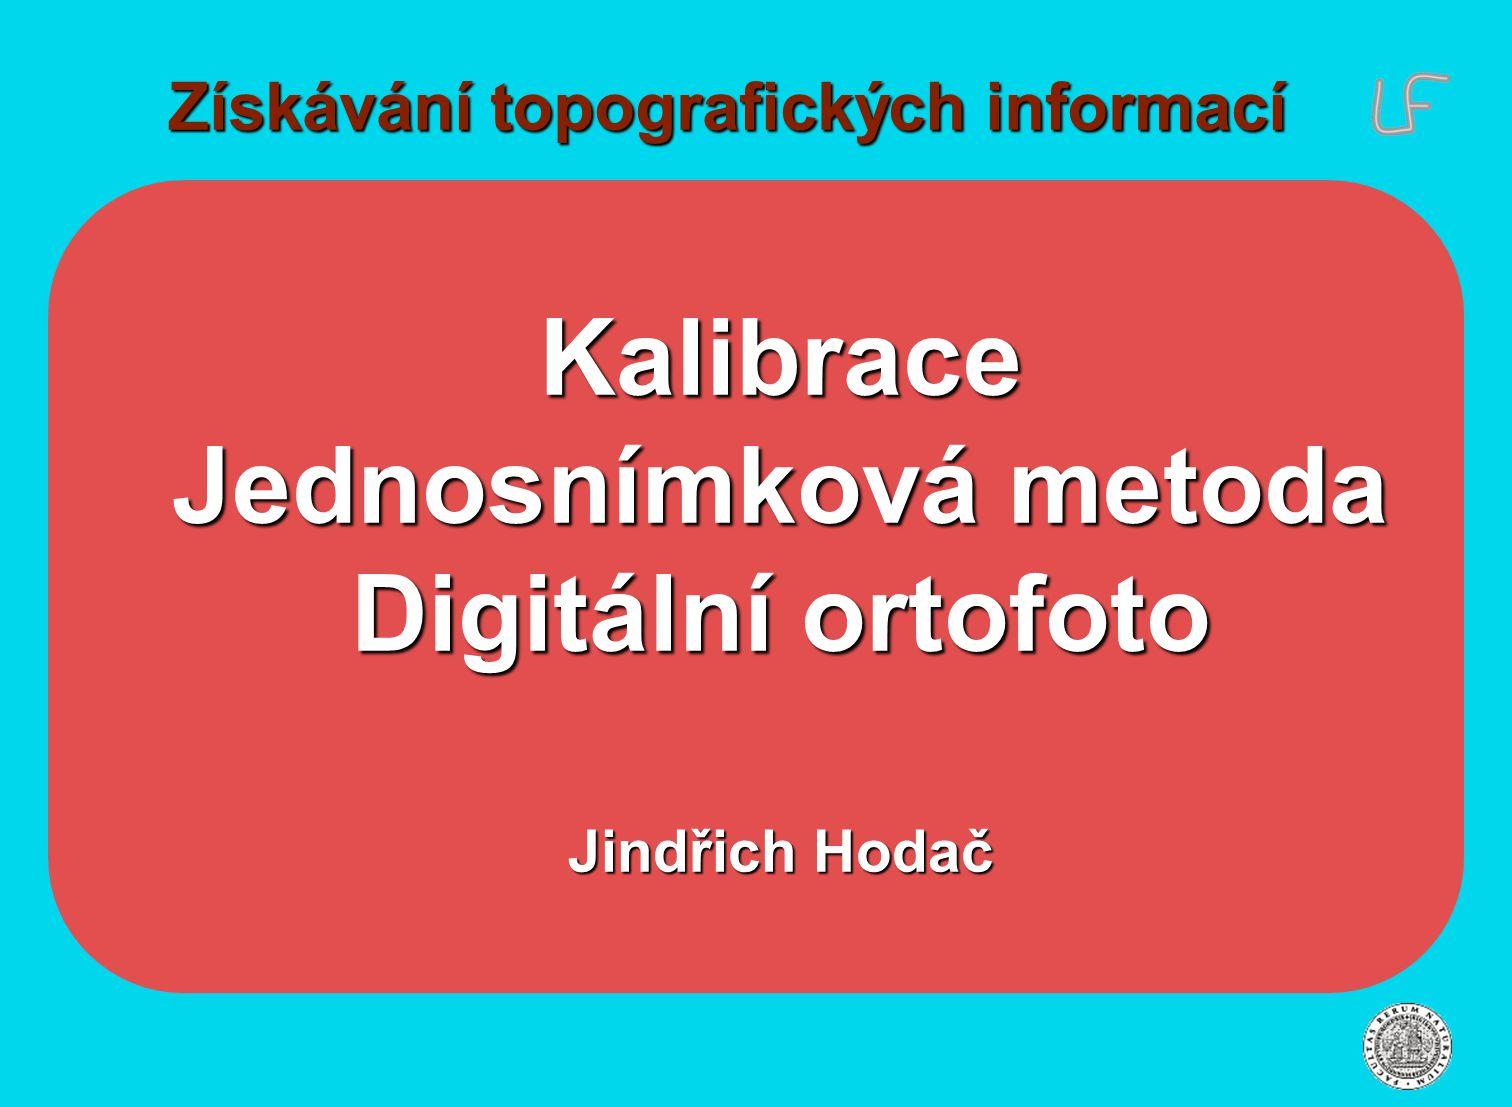 Získávání topografických informací Kalibrace Jednosnímková metoda Digitální ortofoto Jindřich Hodač